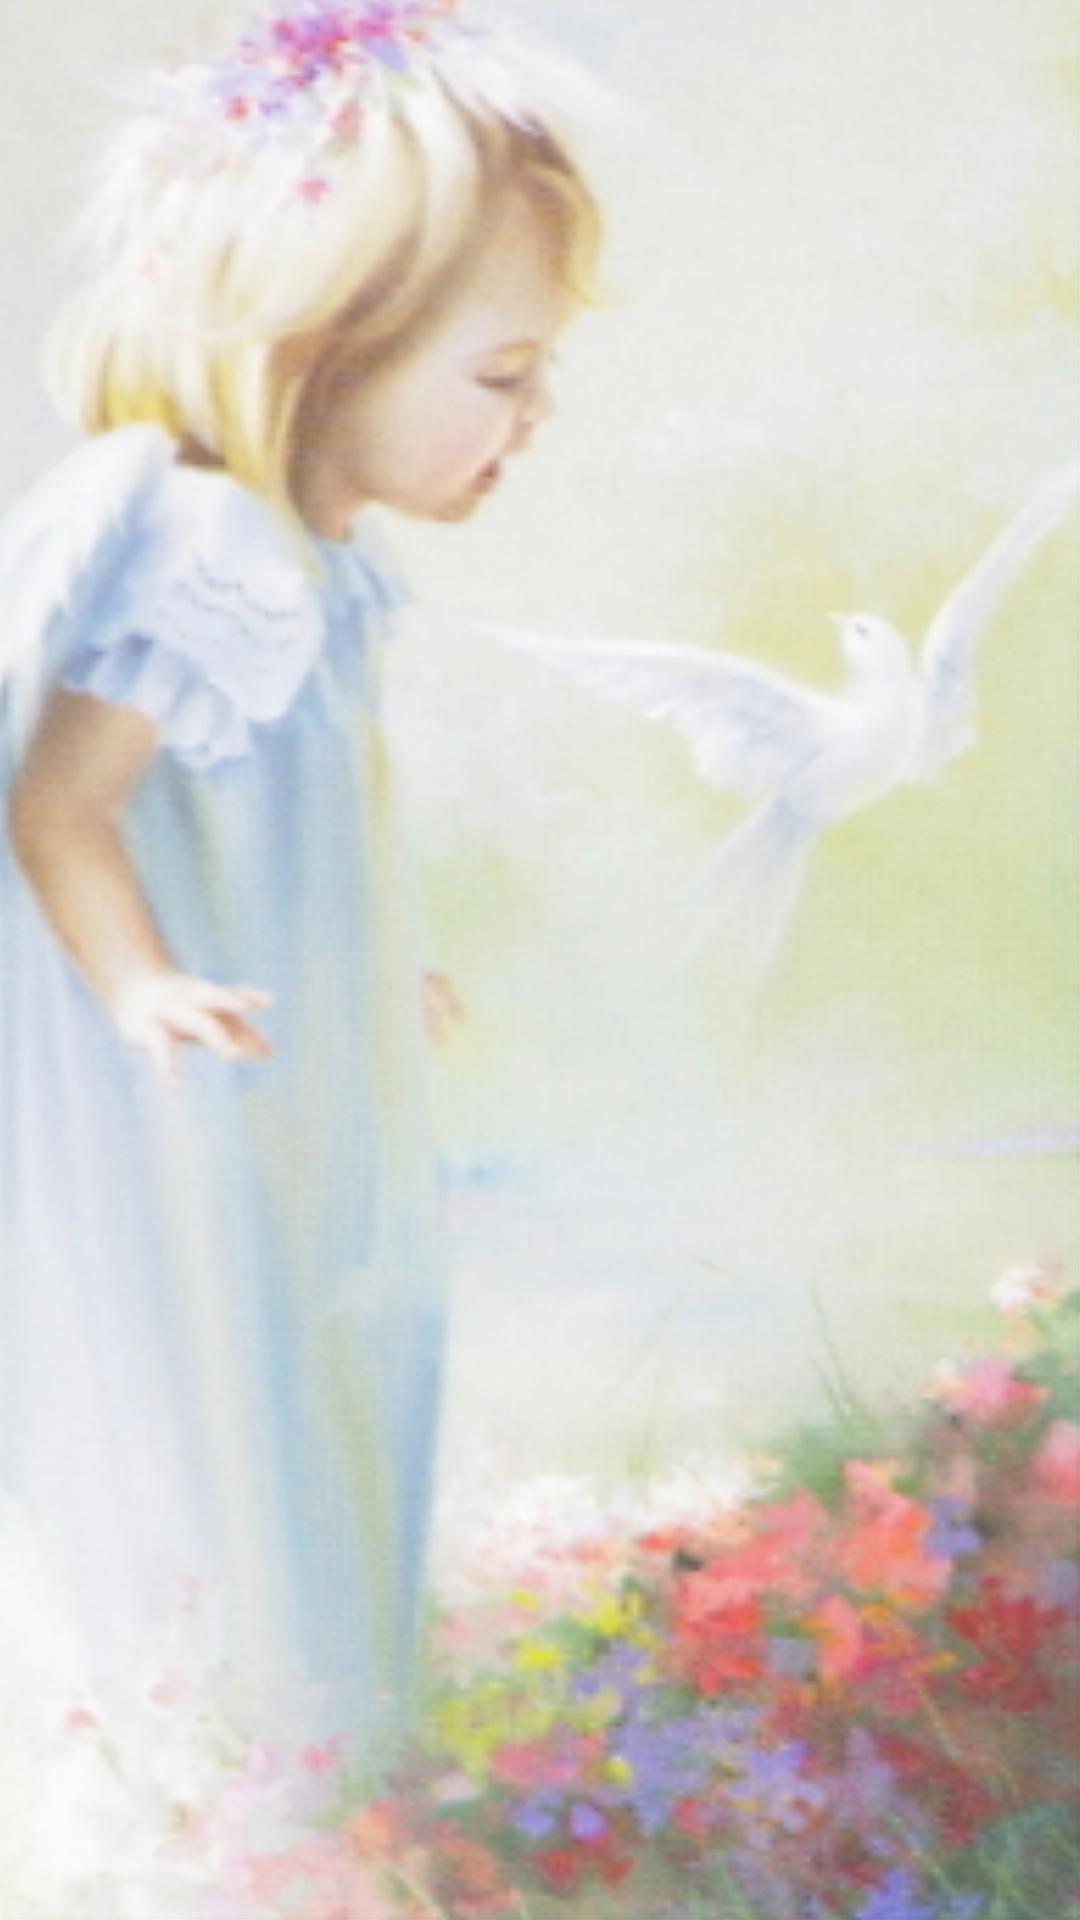 『天使』のような人ってどんな人ですか